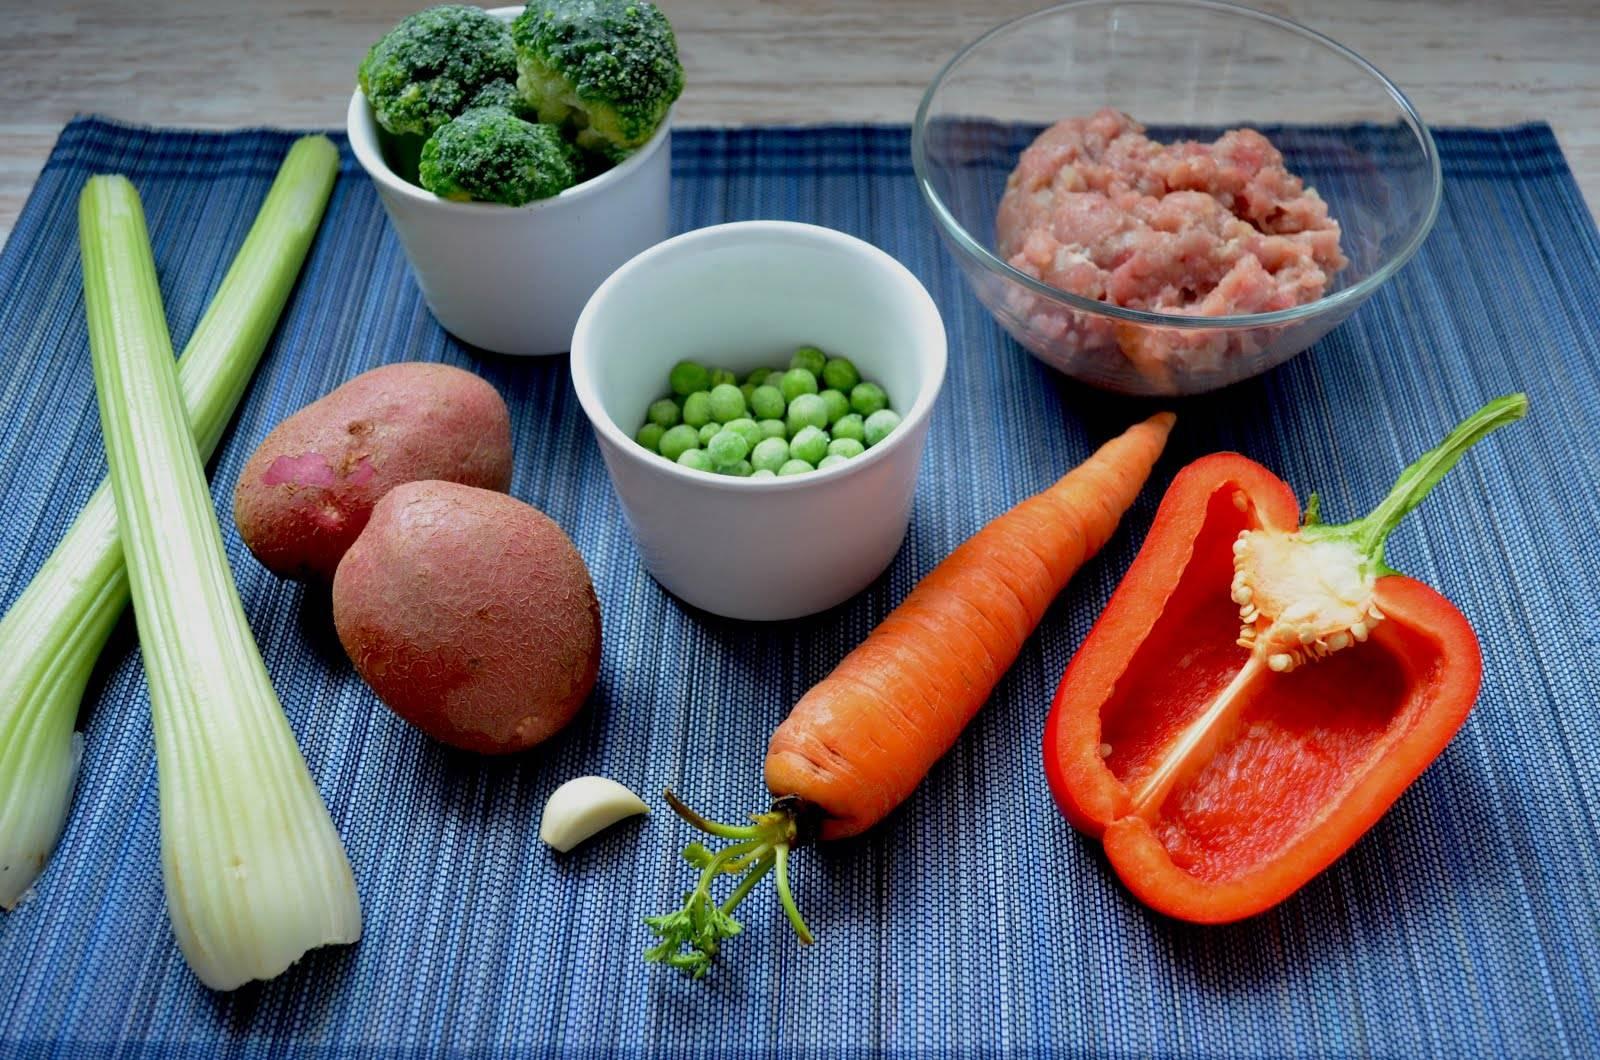 13 супер продуктов для роста ягодиц